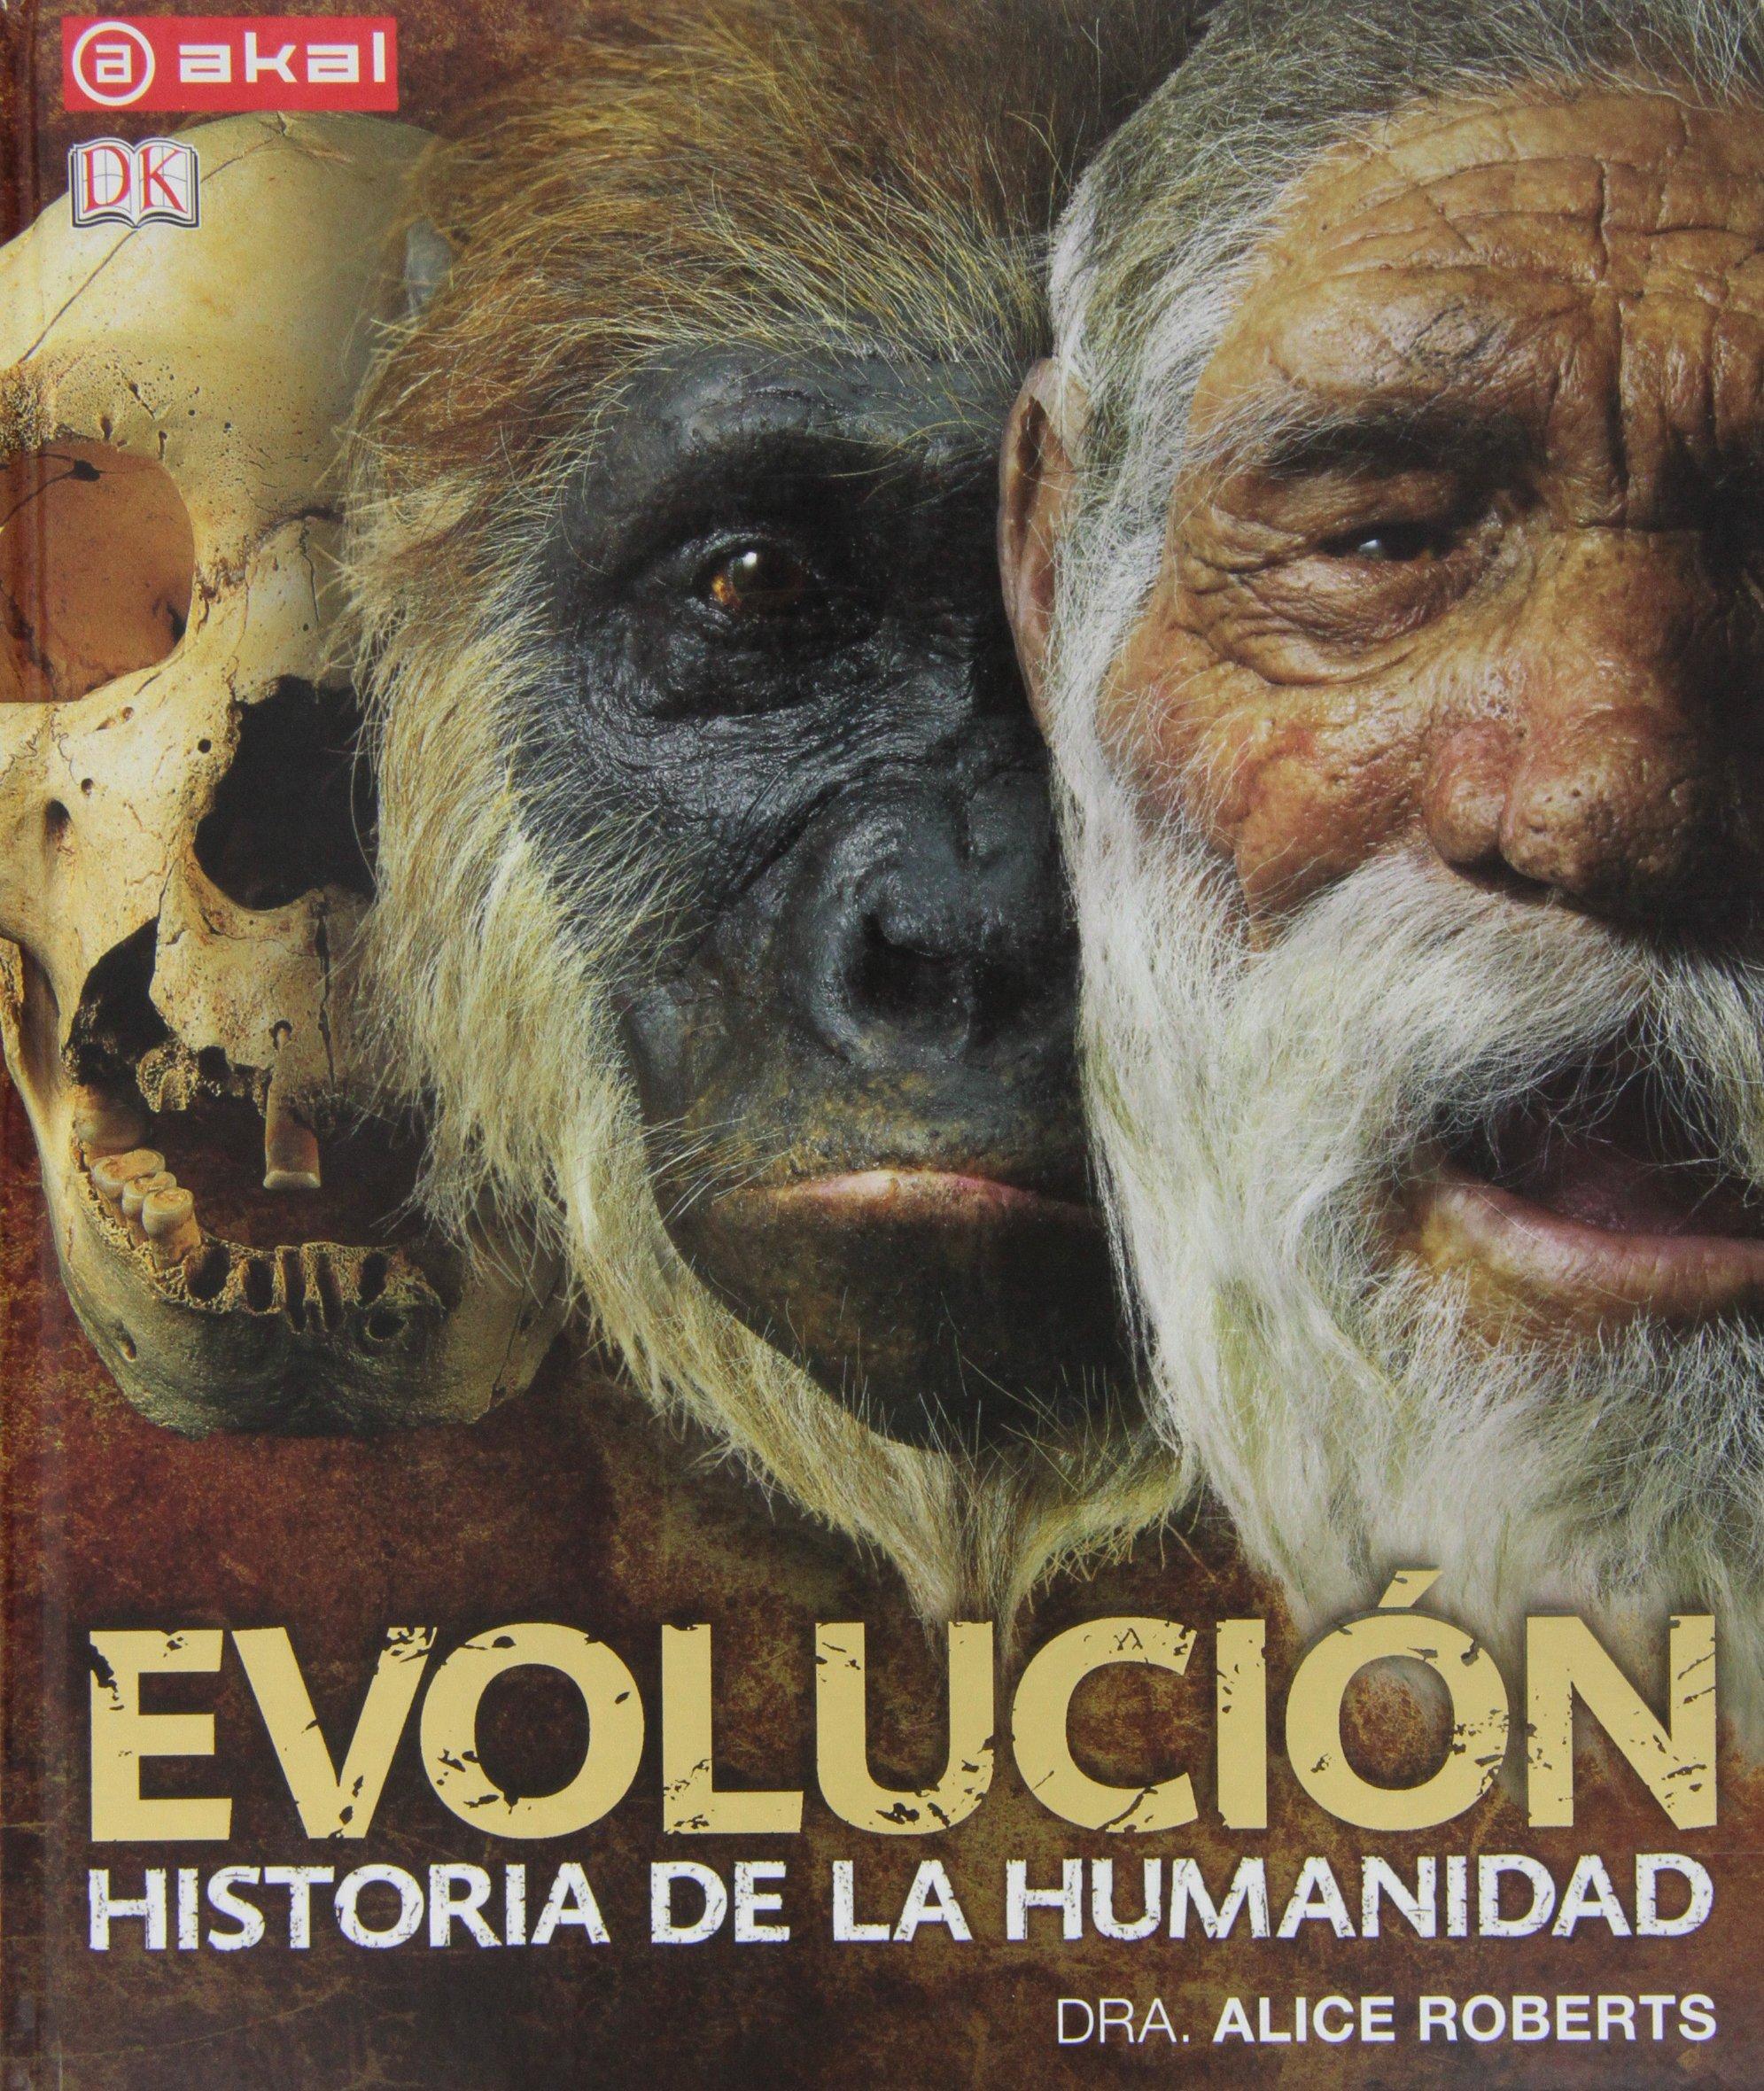 Evolución: Historia de la humanidad Grandes Temas akal: Amazon.es: Roberts, Alice: Libros